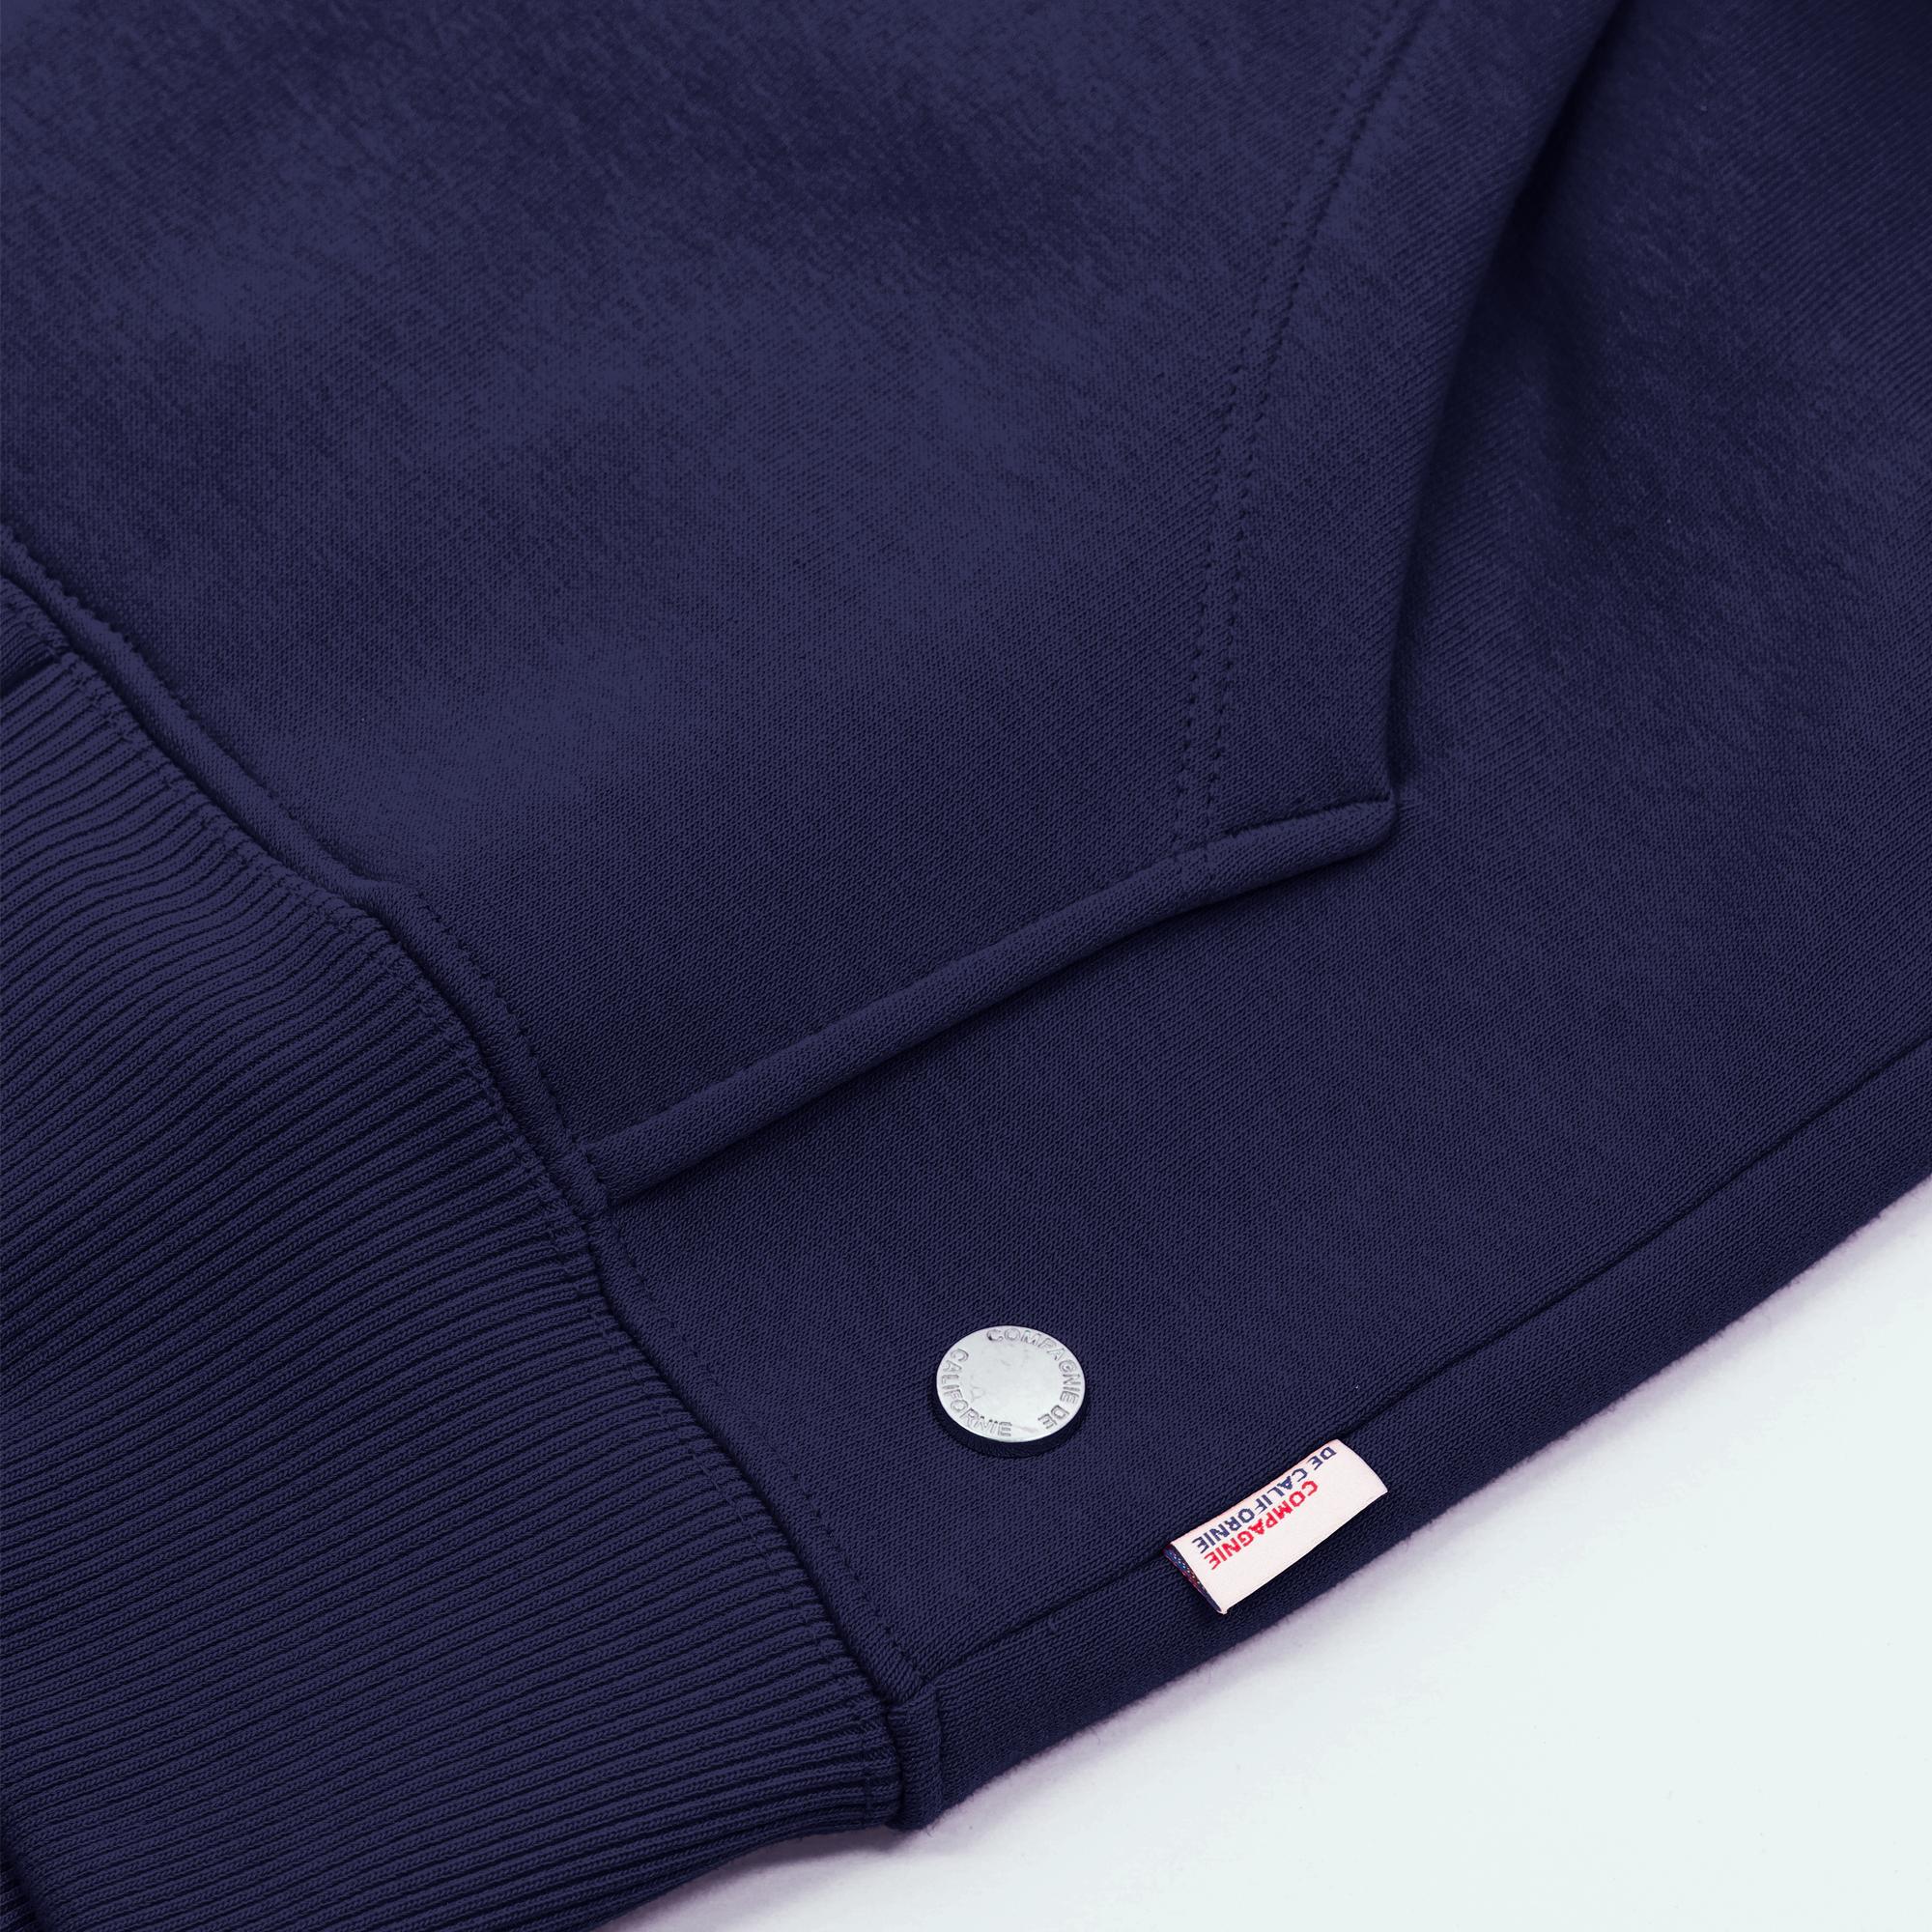 new cupertino hoodie zip navy 2